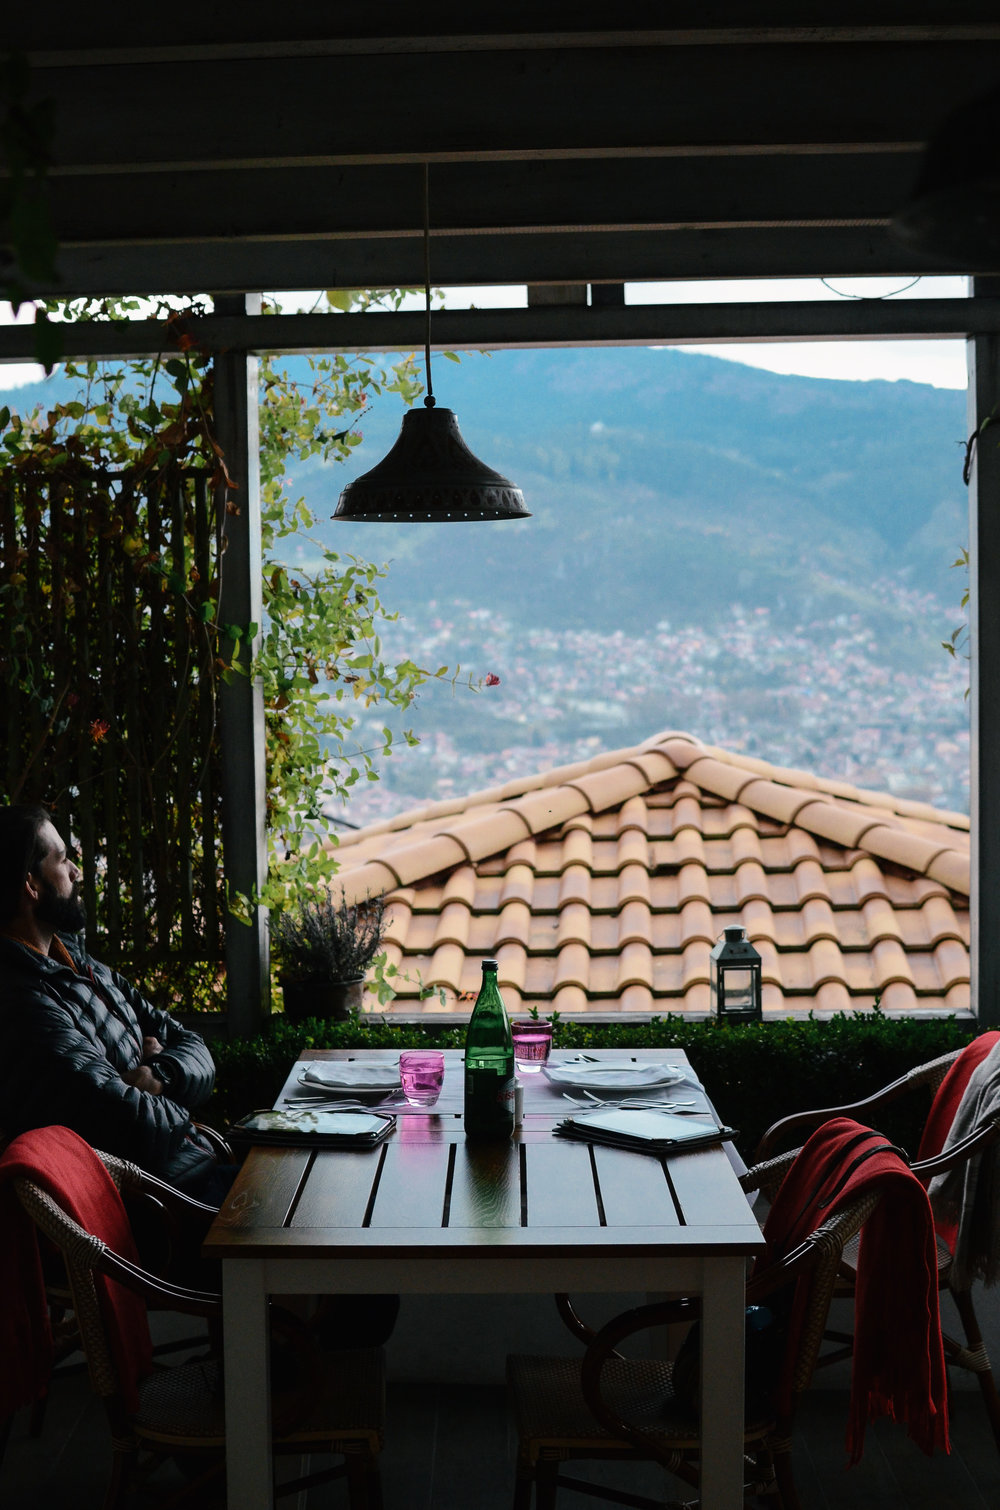 bosnia-travel-sarajevo-guide-lifeonpine_DSC_2915.jpg